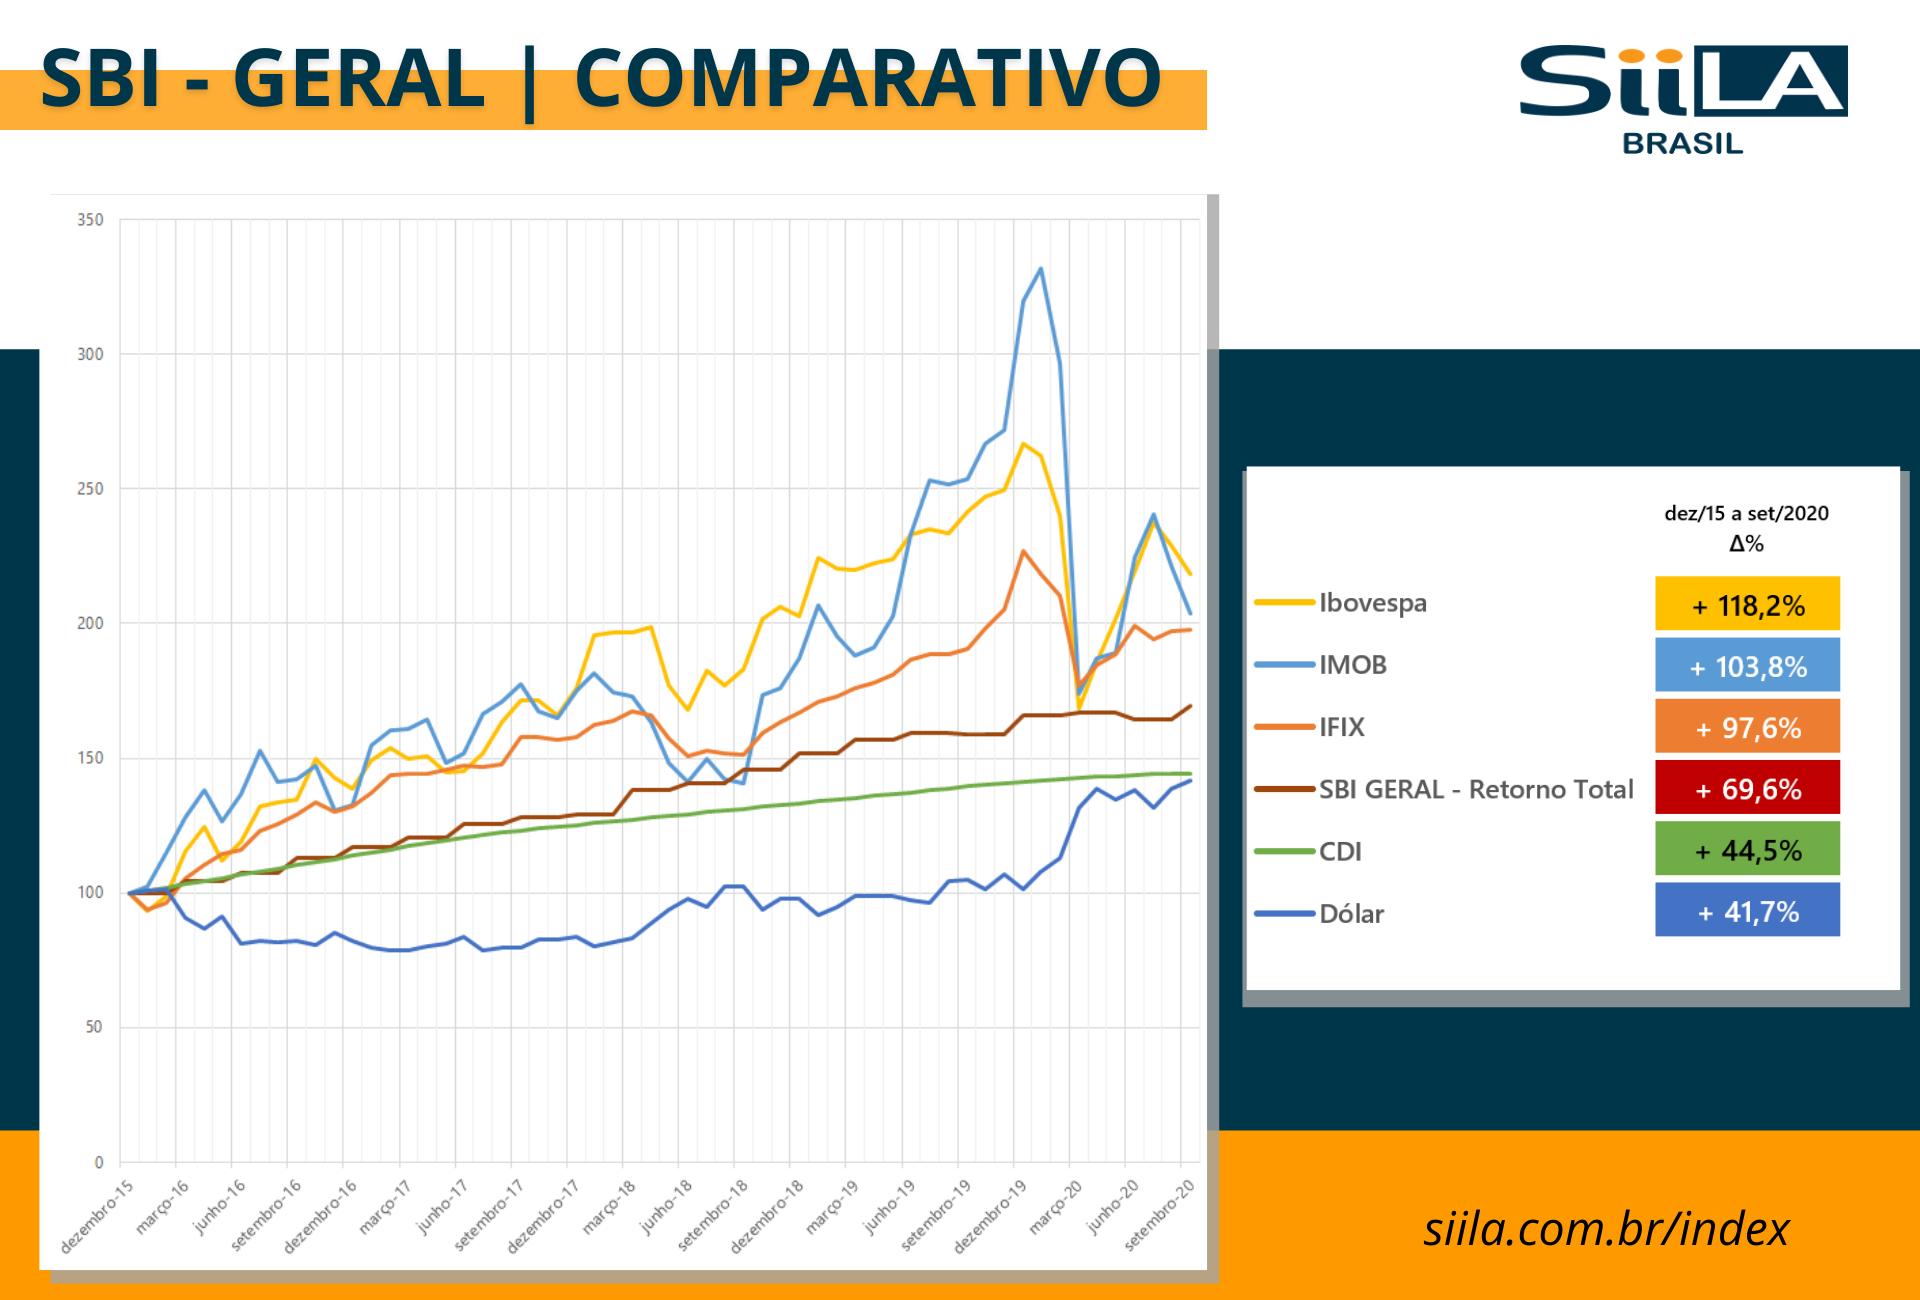 SBI - GERAL | COMPARATIVO